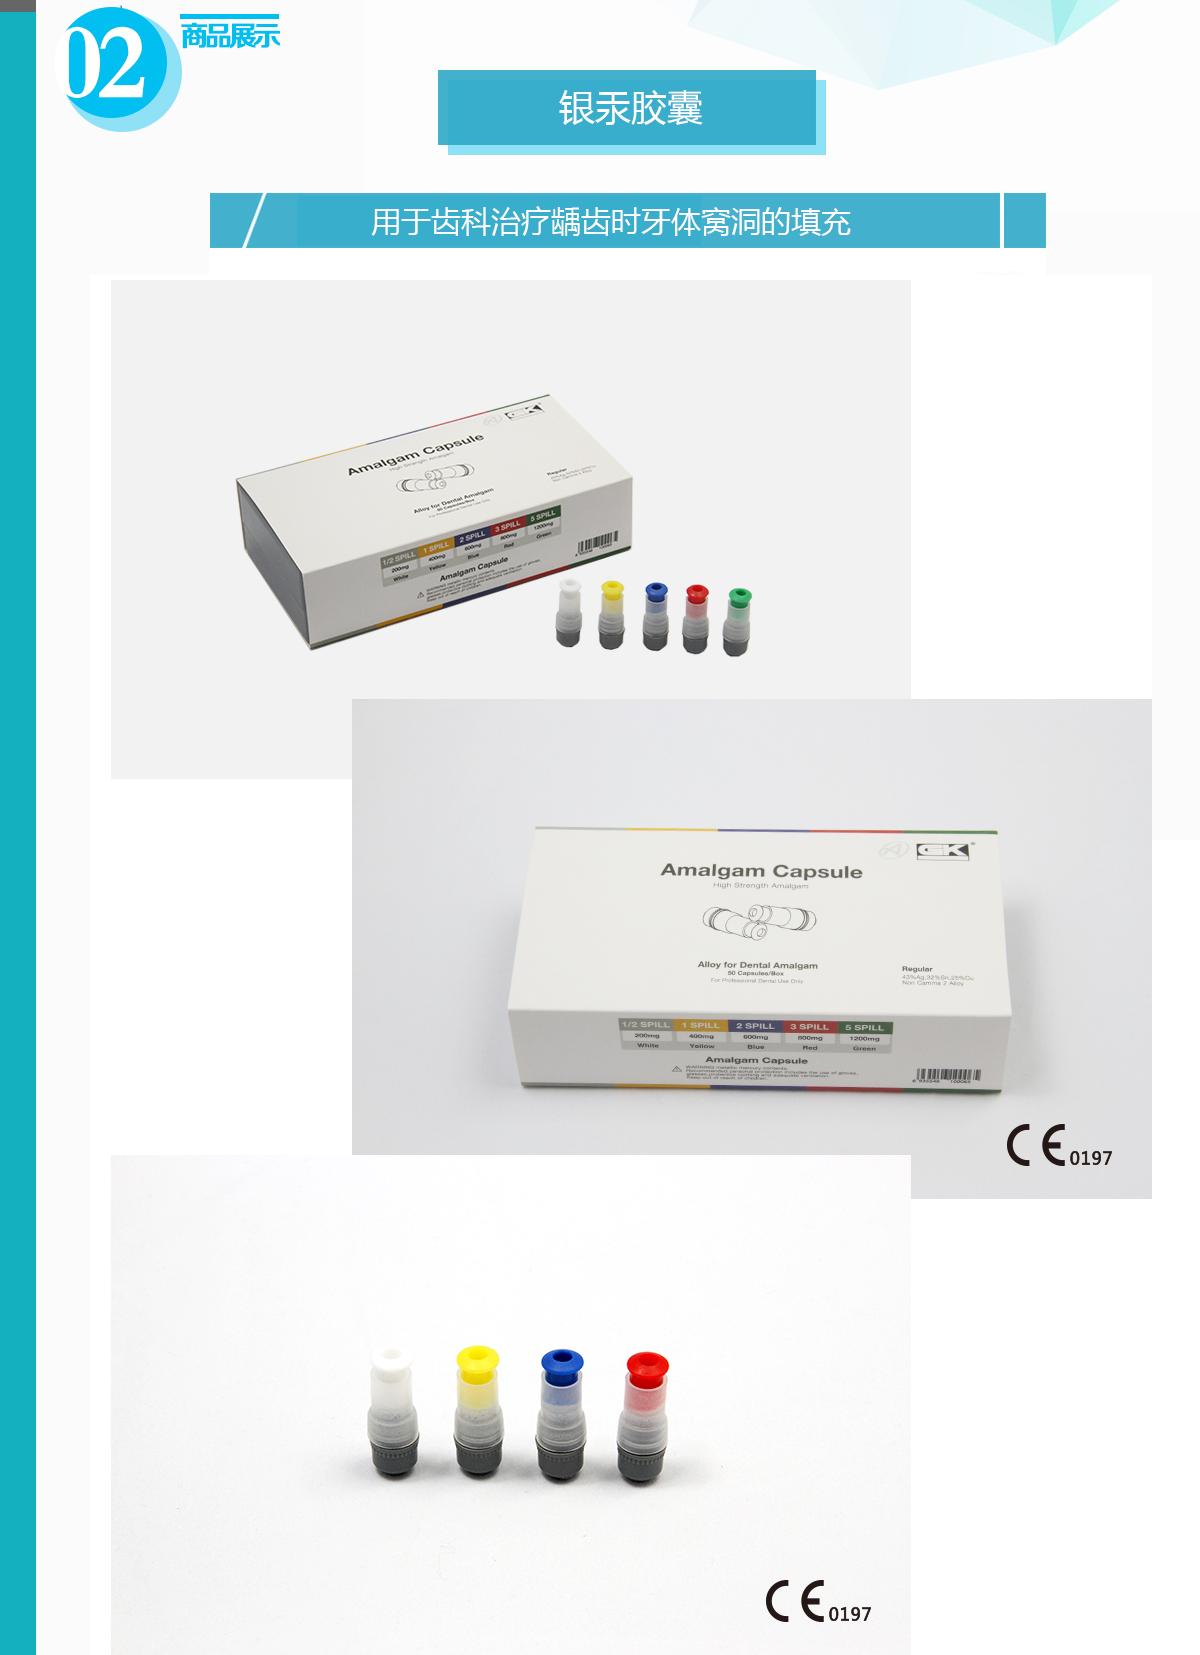 产品详情页规范-2(银汞胶囊).png